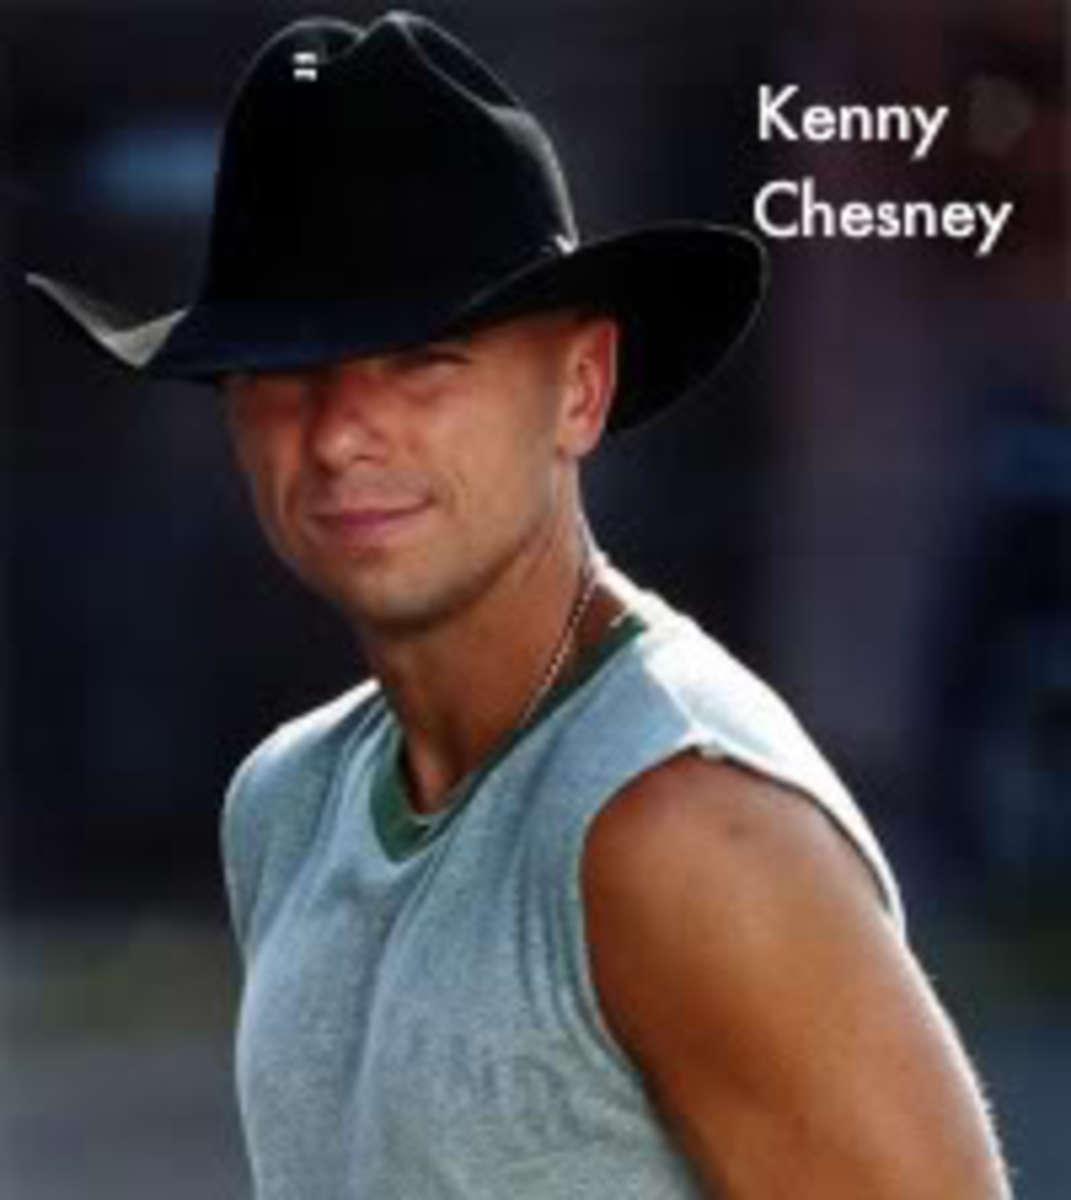 KennyChesney1